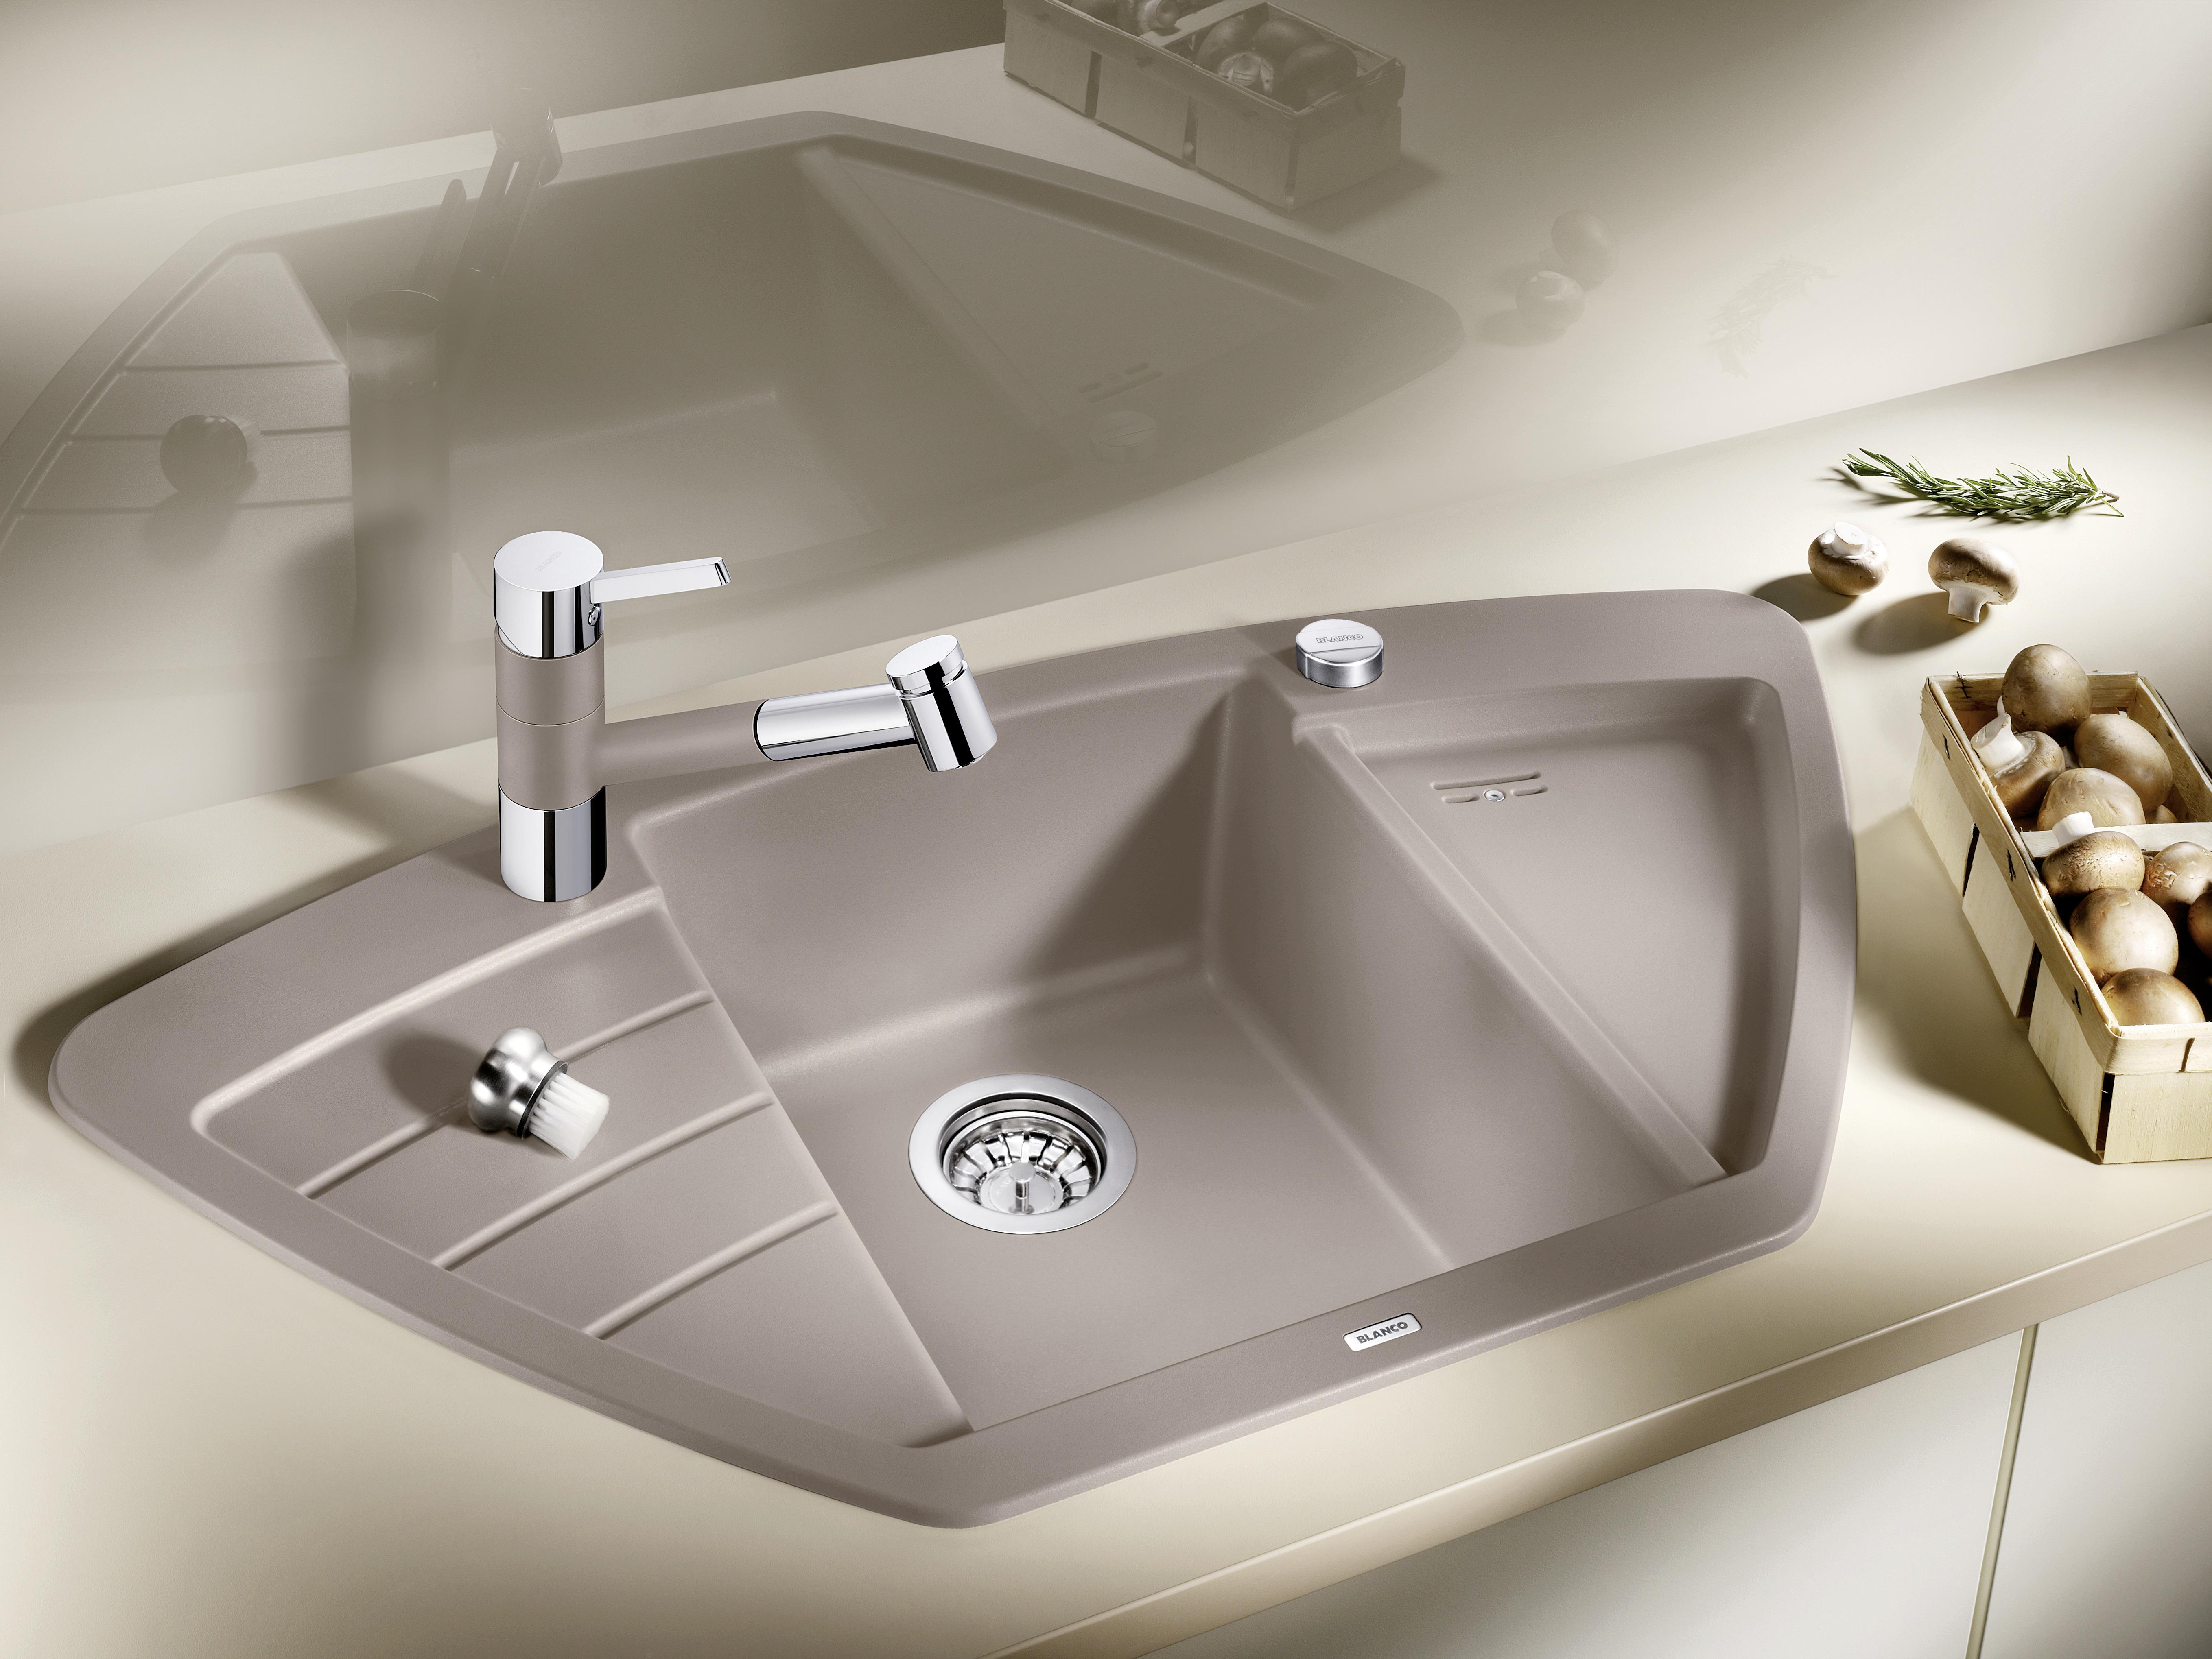 Küchen Ecke besser nutzen: Mehr Platz mit der Eck-Spüle von Blanco in neuer Optik